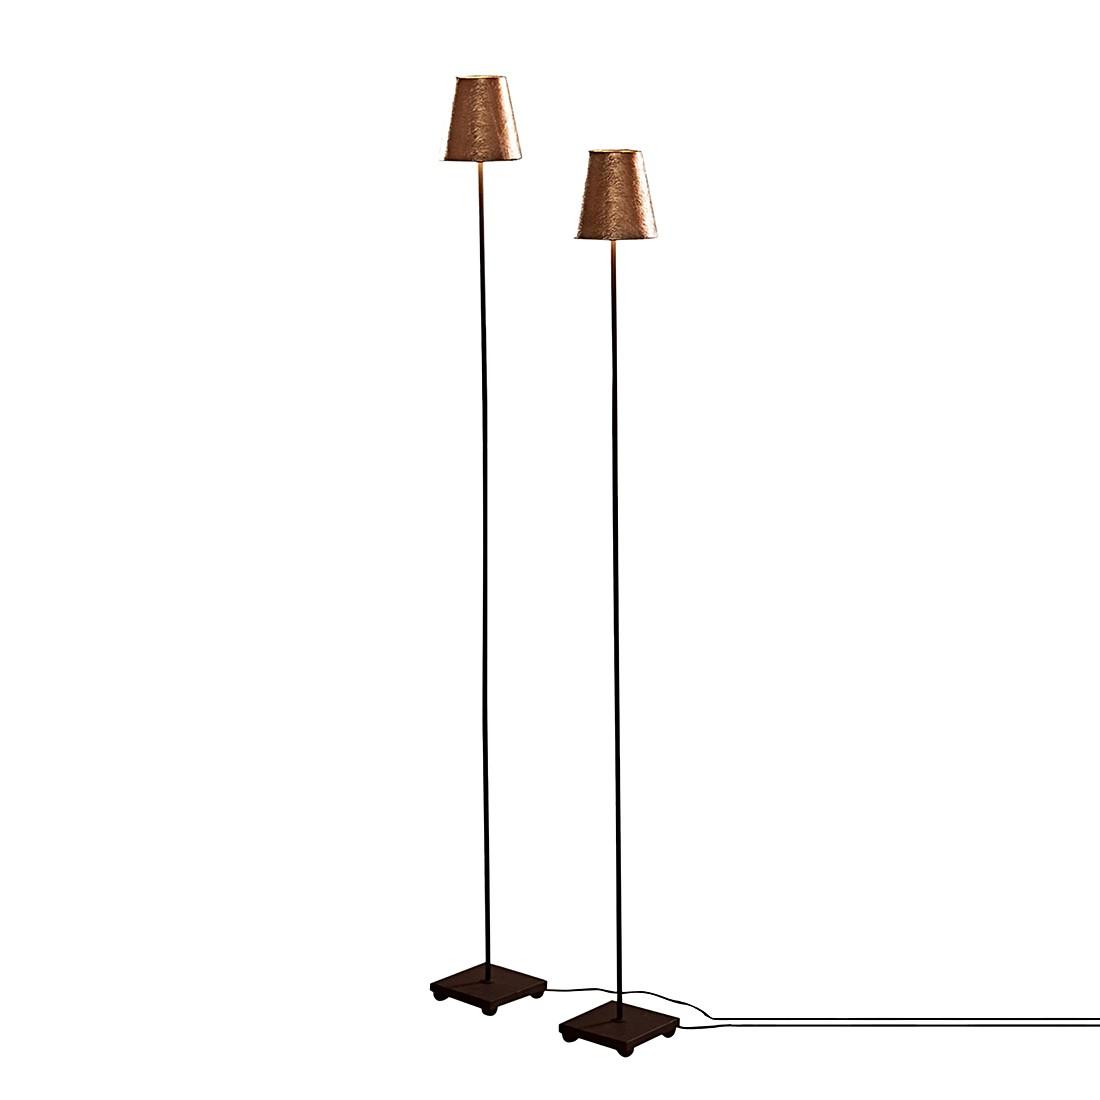 Stehlampe 2er Set Tacoma – Fuß: Eisen, Schirm: Kunststoff antikgold/schwarz, Loberon online kaufen